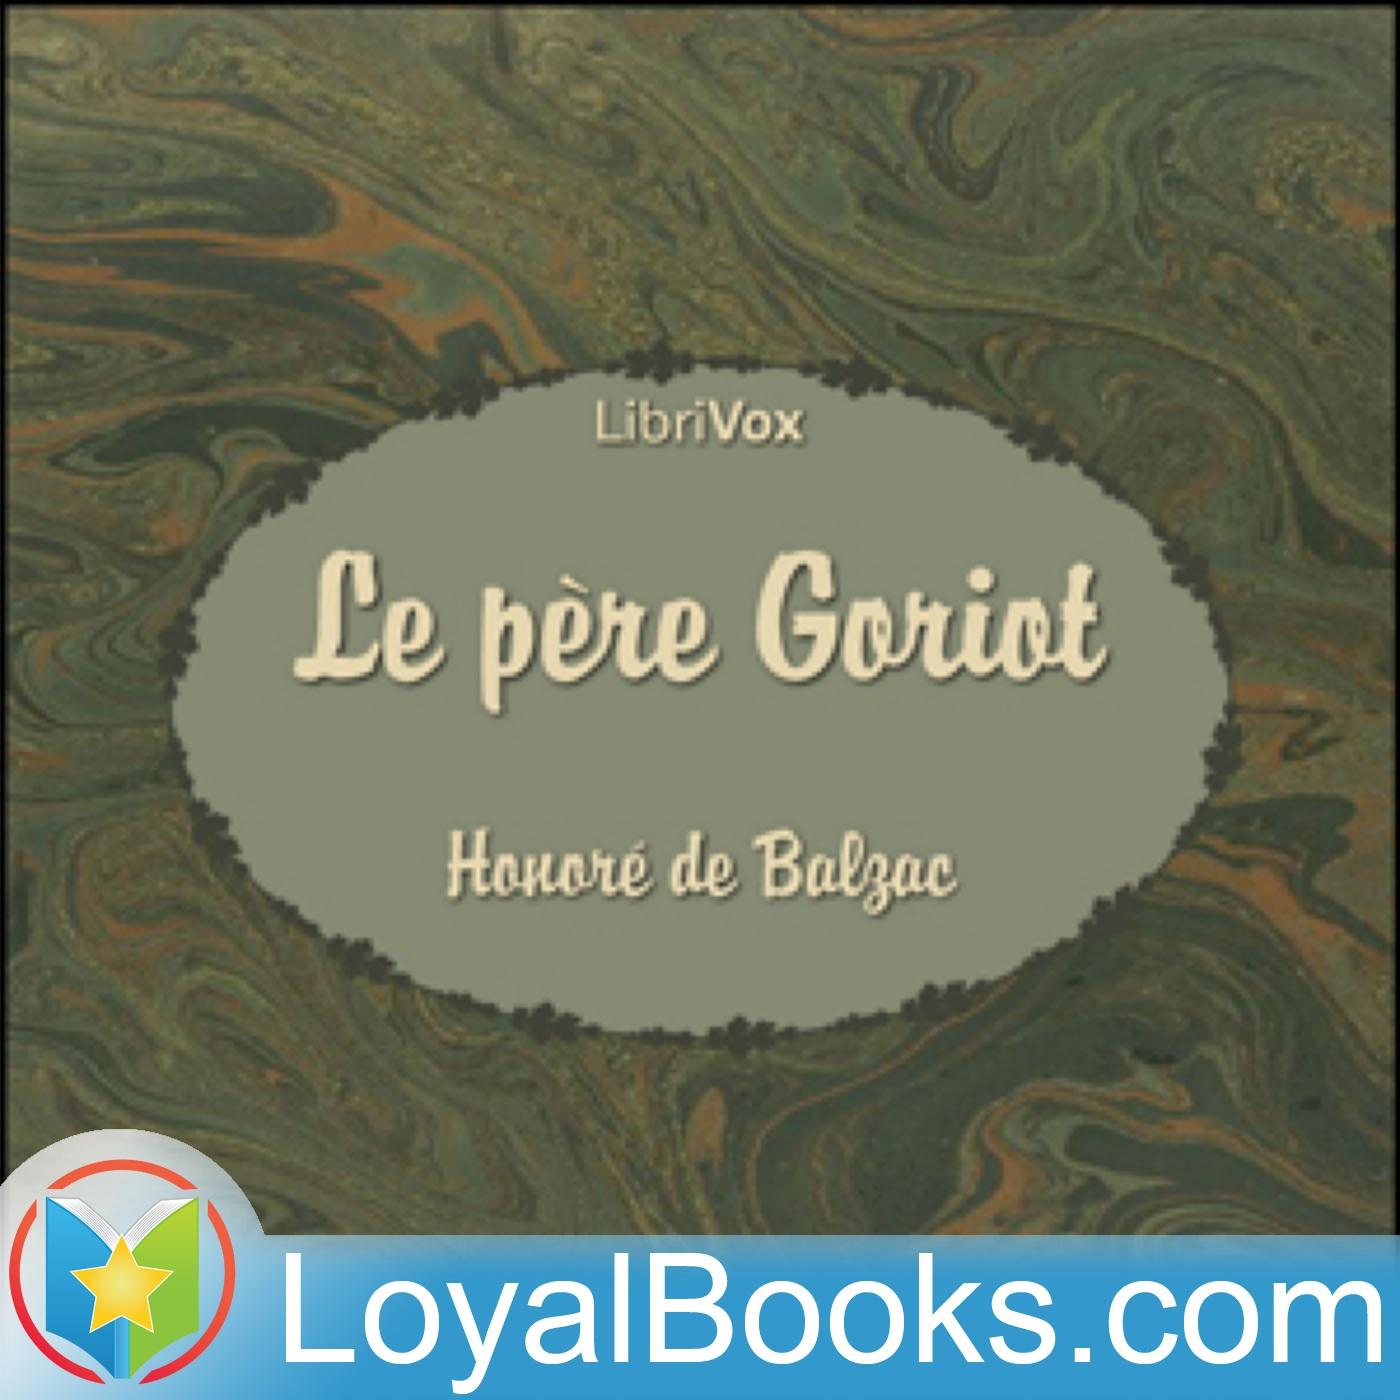 <![CDATA[Le père Goriot by Honoré de Balzac]]>